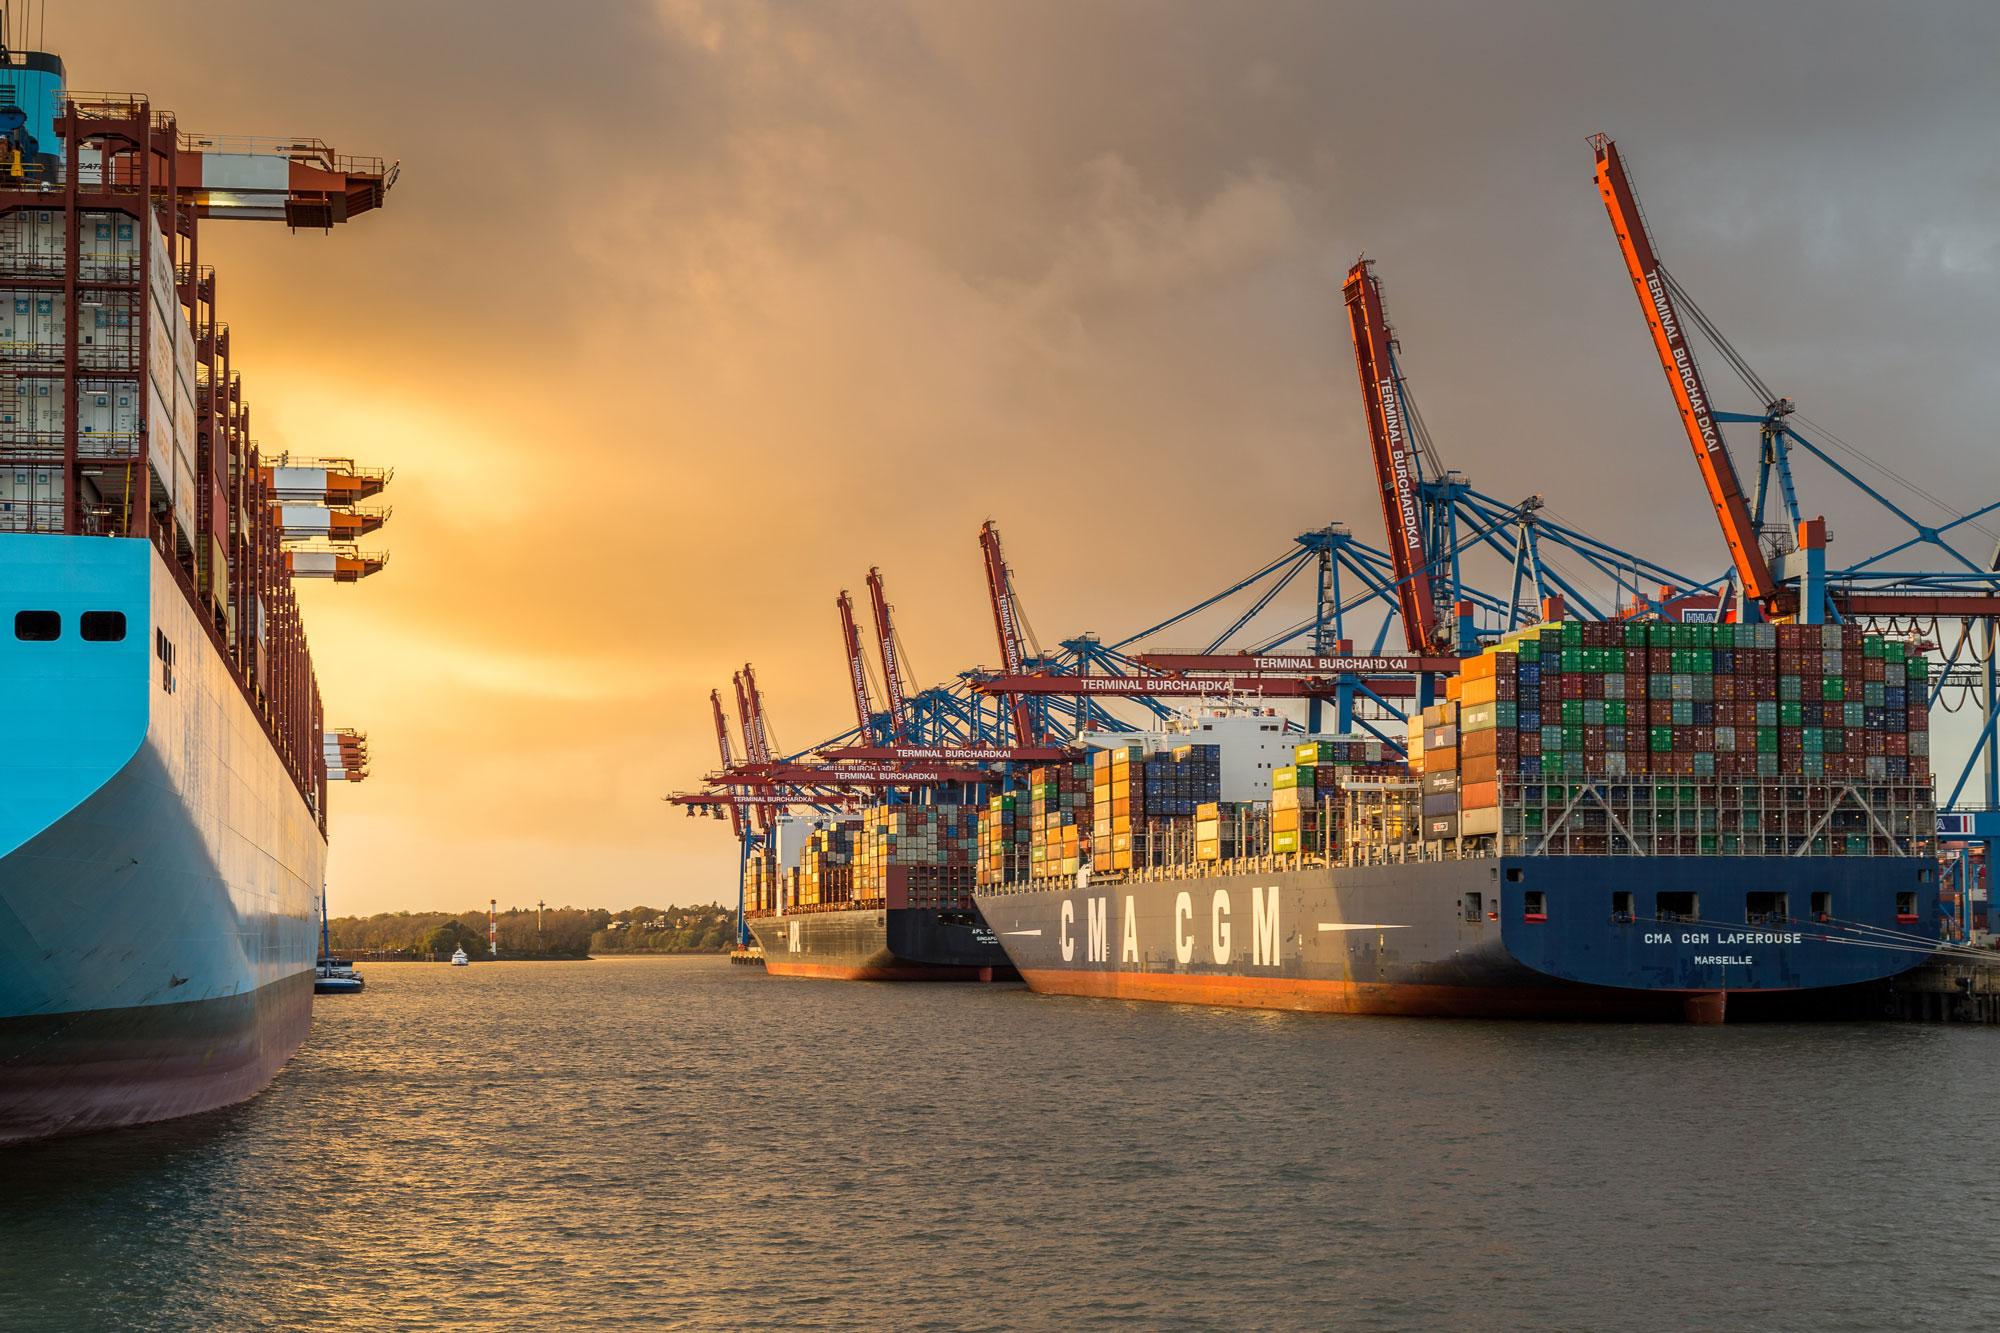 Sonnenuntergang im Hamburger Hafen mit mehreren Containerschiffen